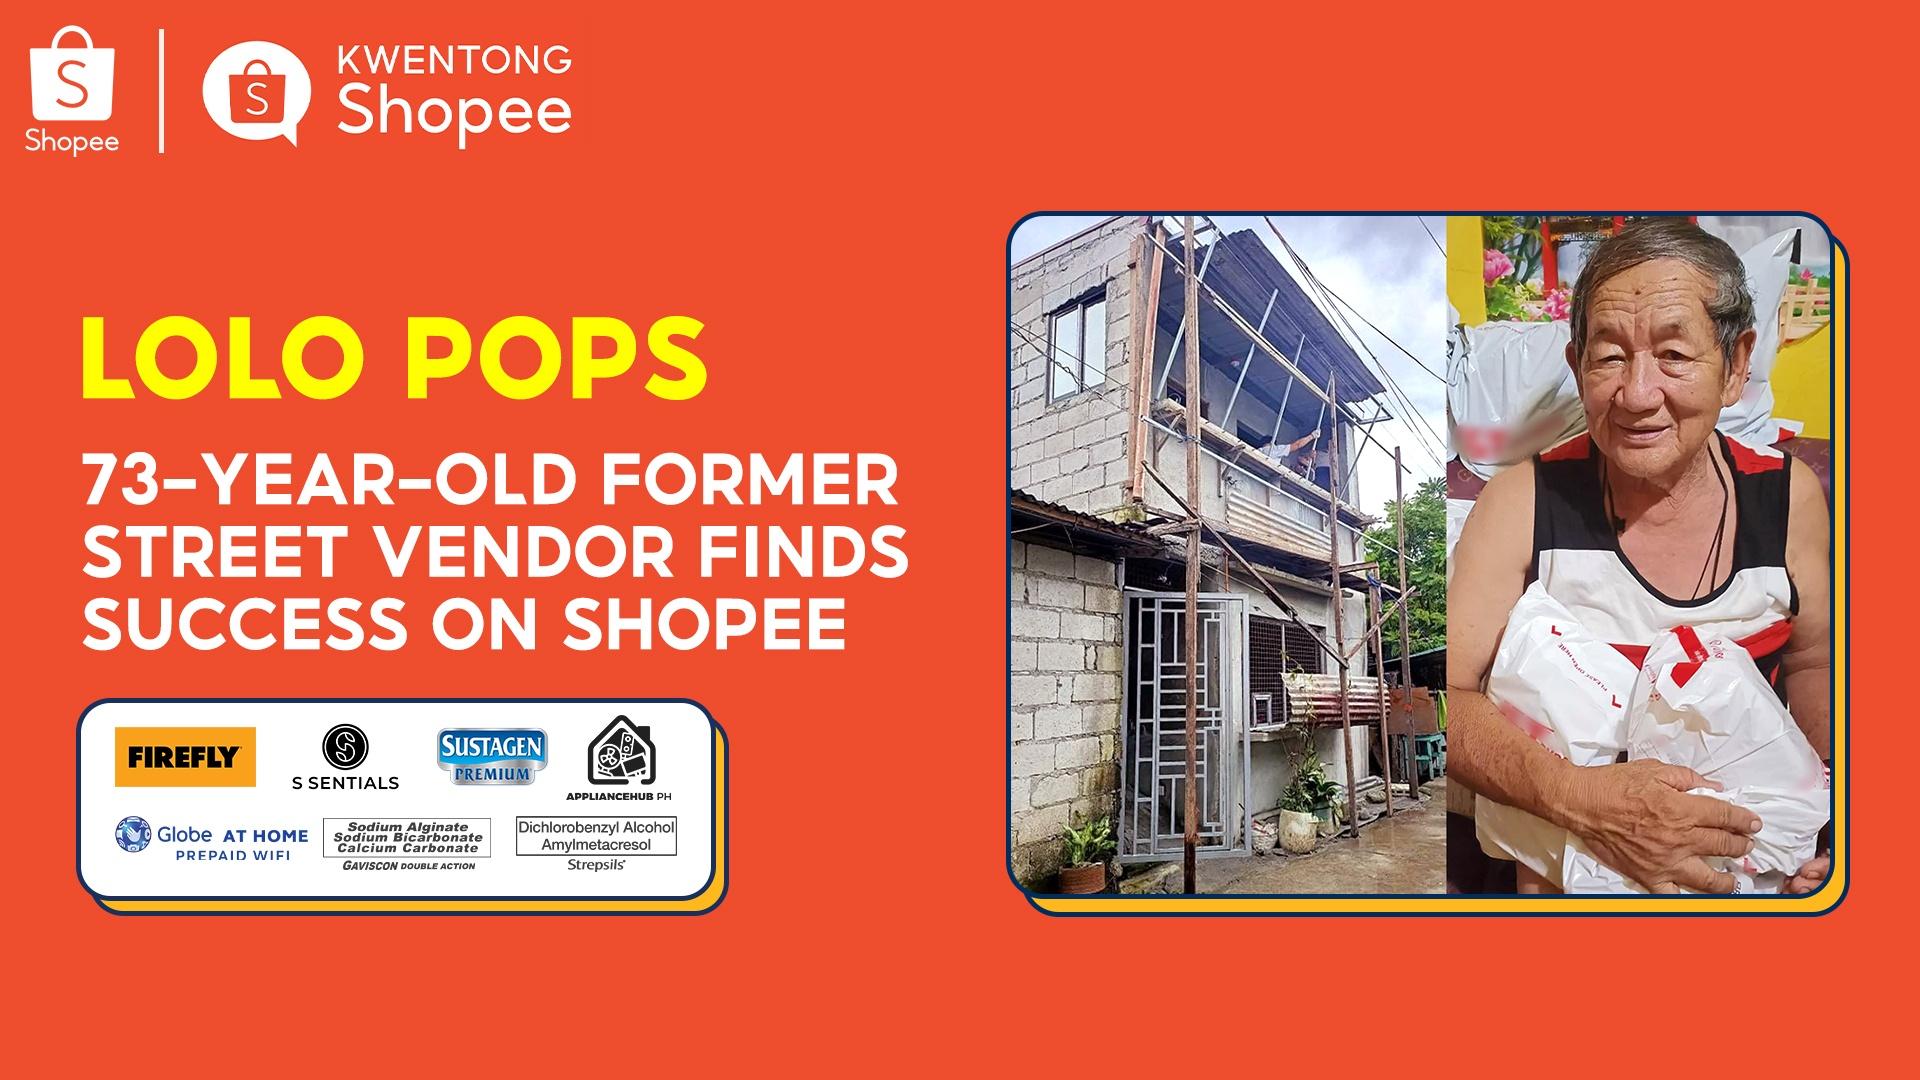 Kwentong Shopee Lolo Pops